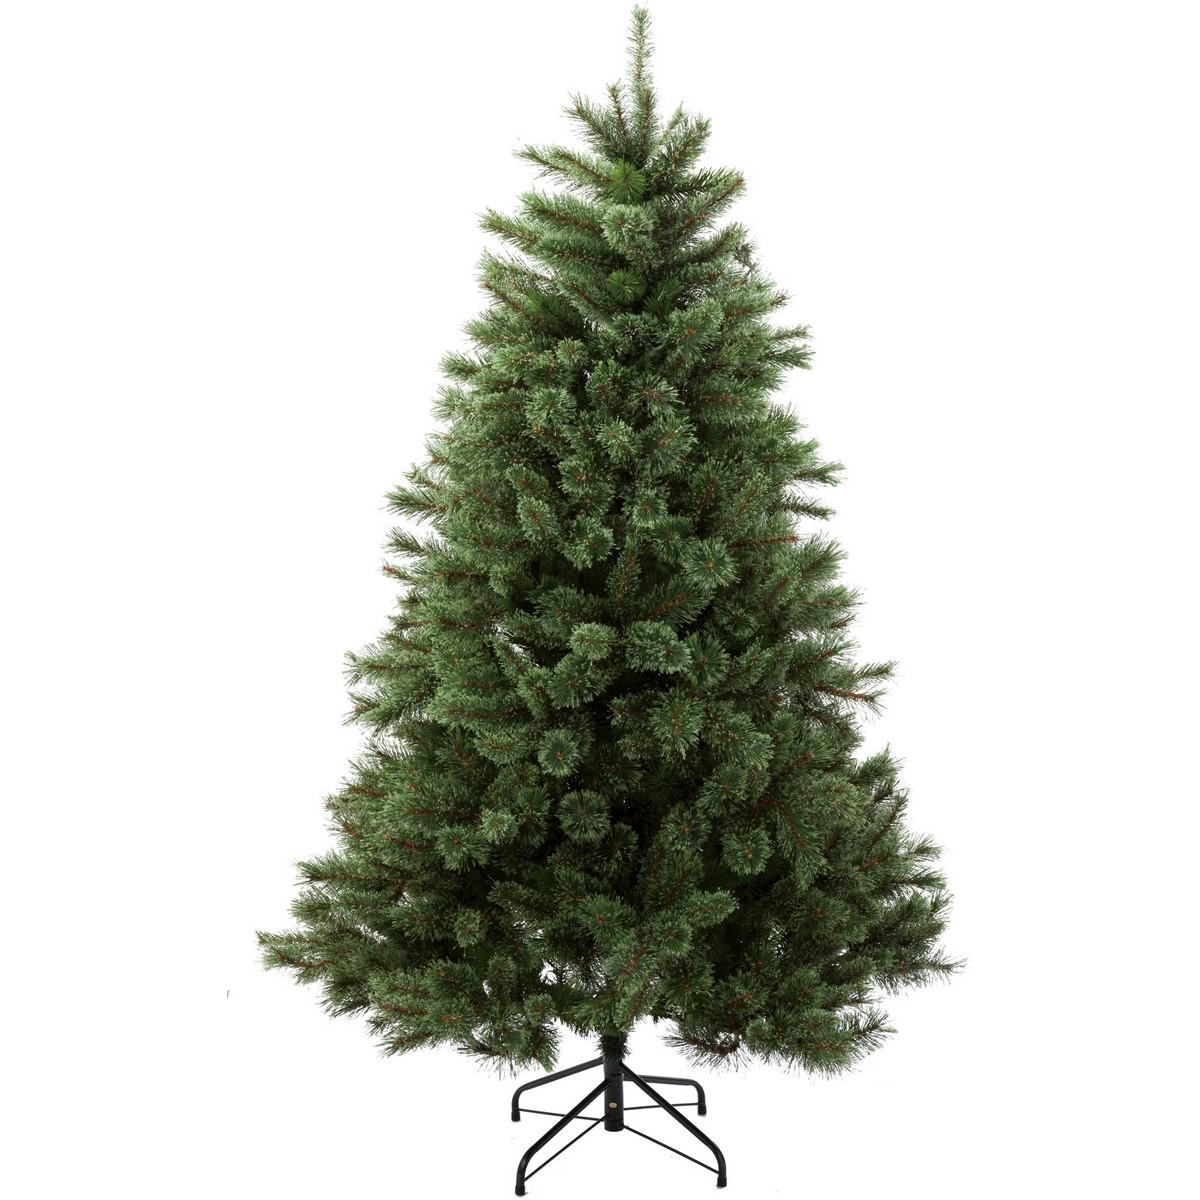 【造花】YDM/450cm ミックスパインイージーツリー/CAA-162【01】【取寄】《 店舗ディスプレイ クリスマス飾り クリスマスツリー 》